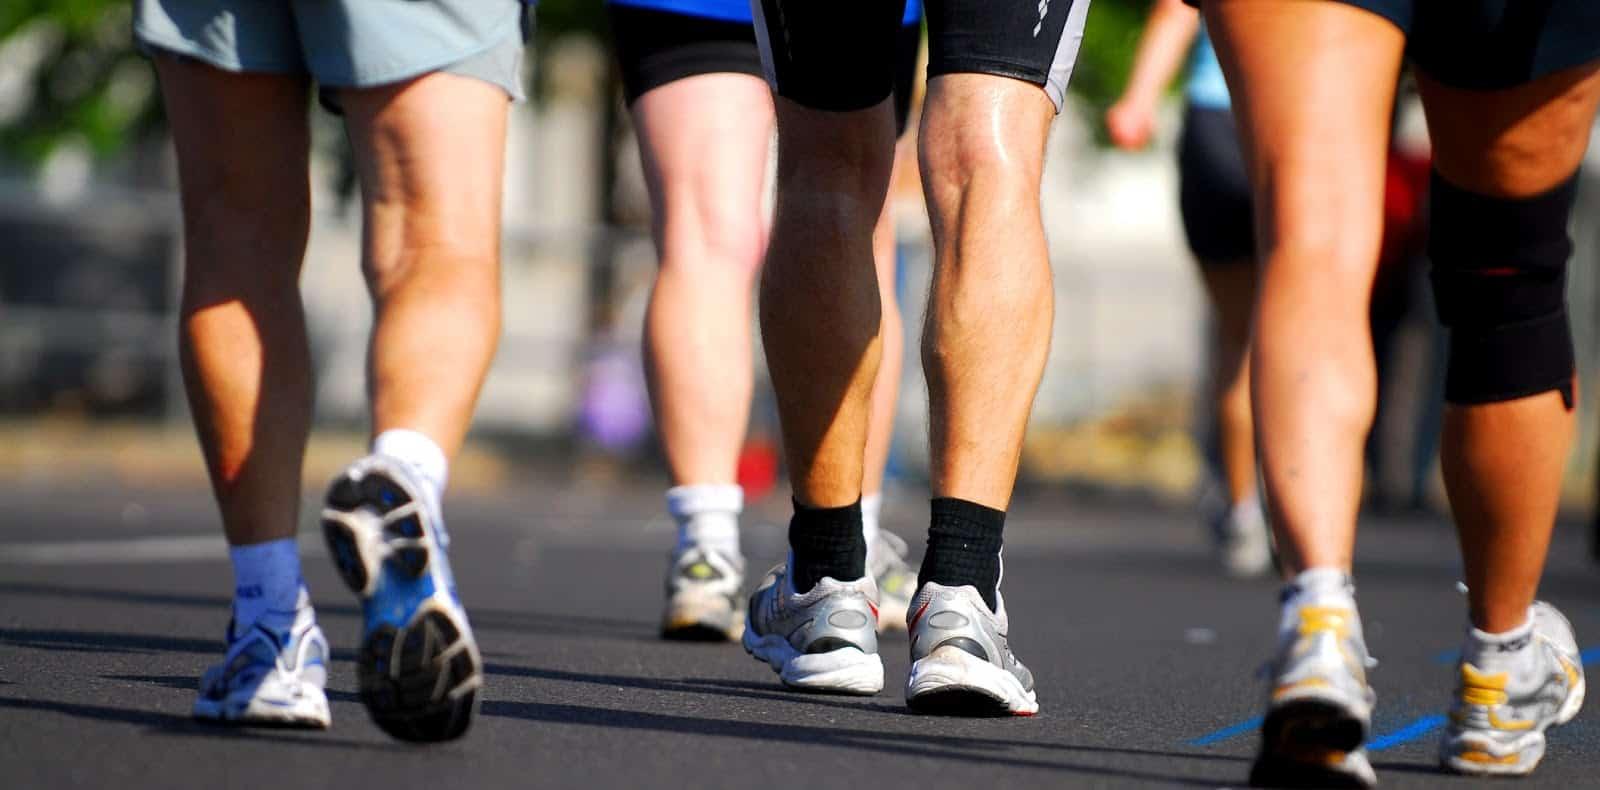 Εύκολα tips για να μετατρέψετε το περπάτημα σε πλήρη άσκηση